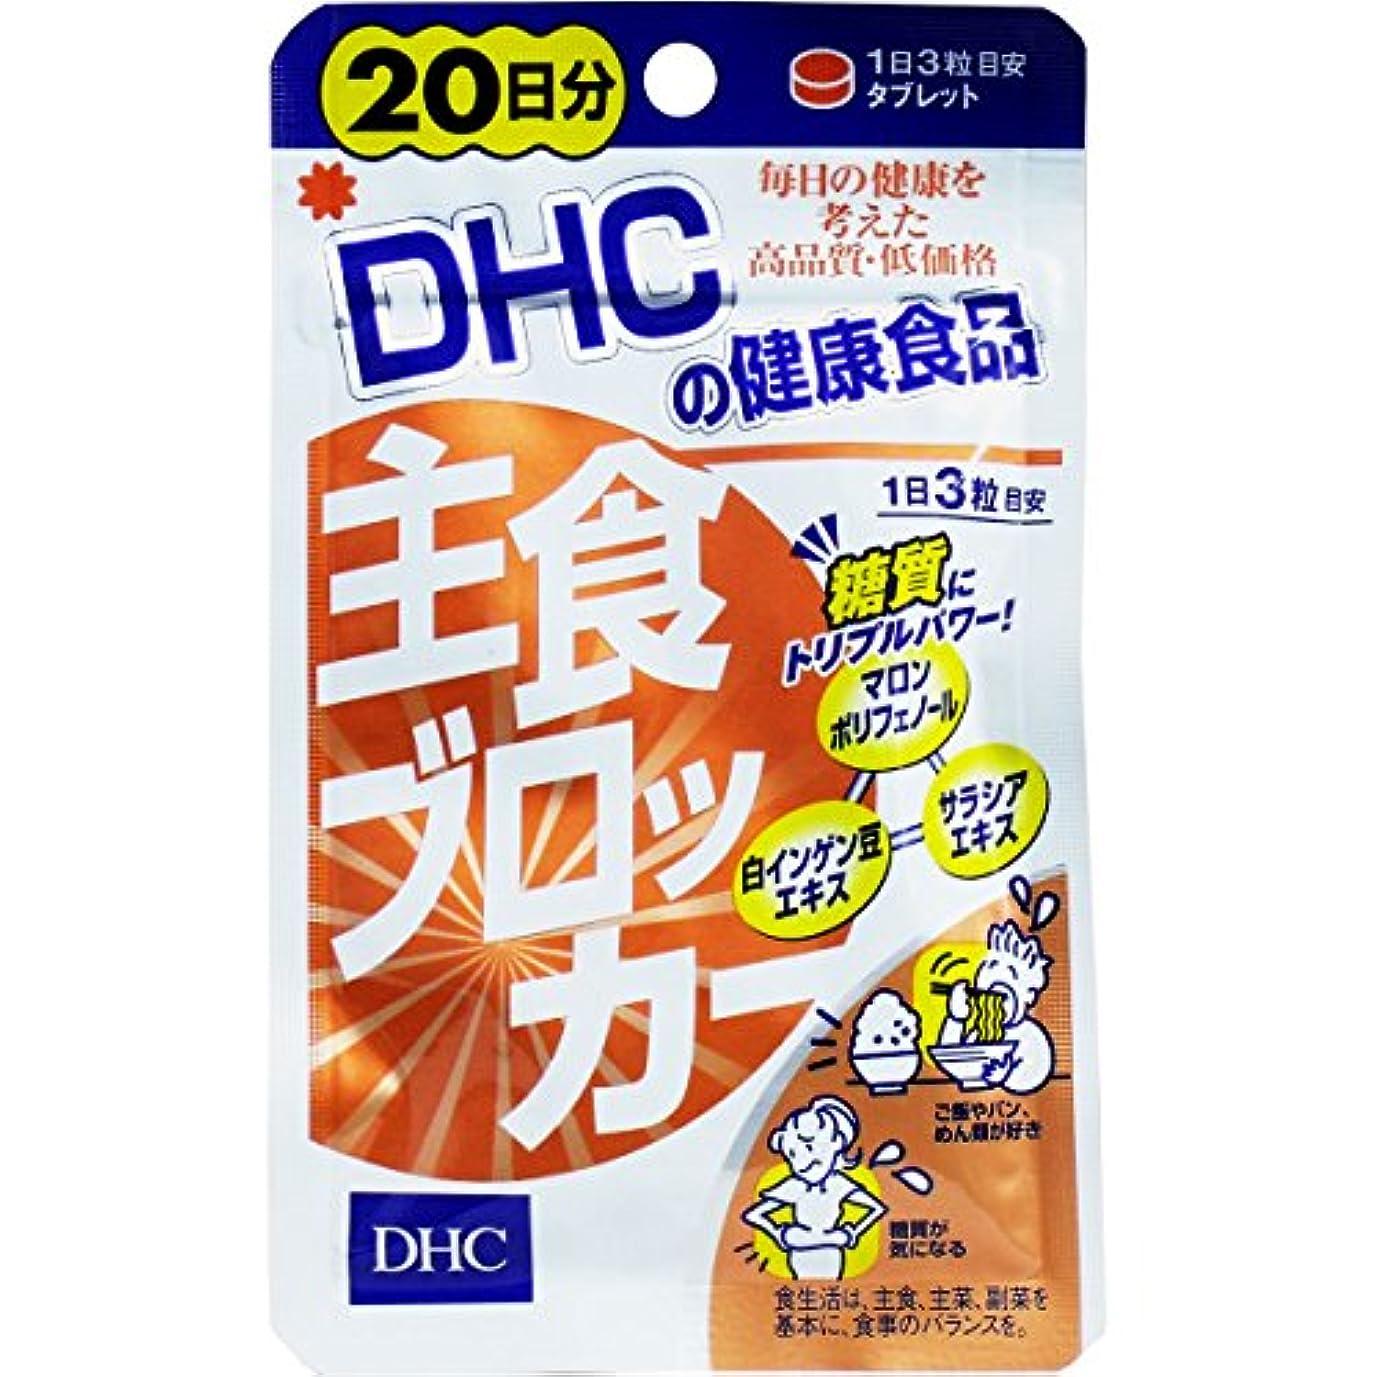 胚芽残り物腹【DHC】主食ブロッカー 20日分 60粒 ×10個セット